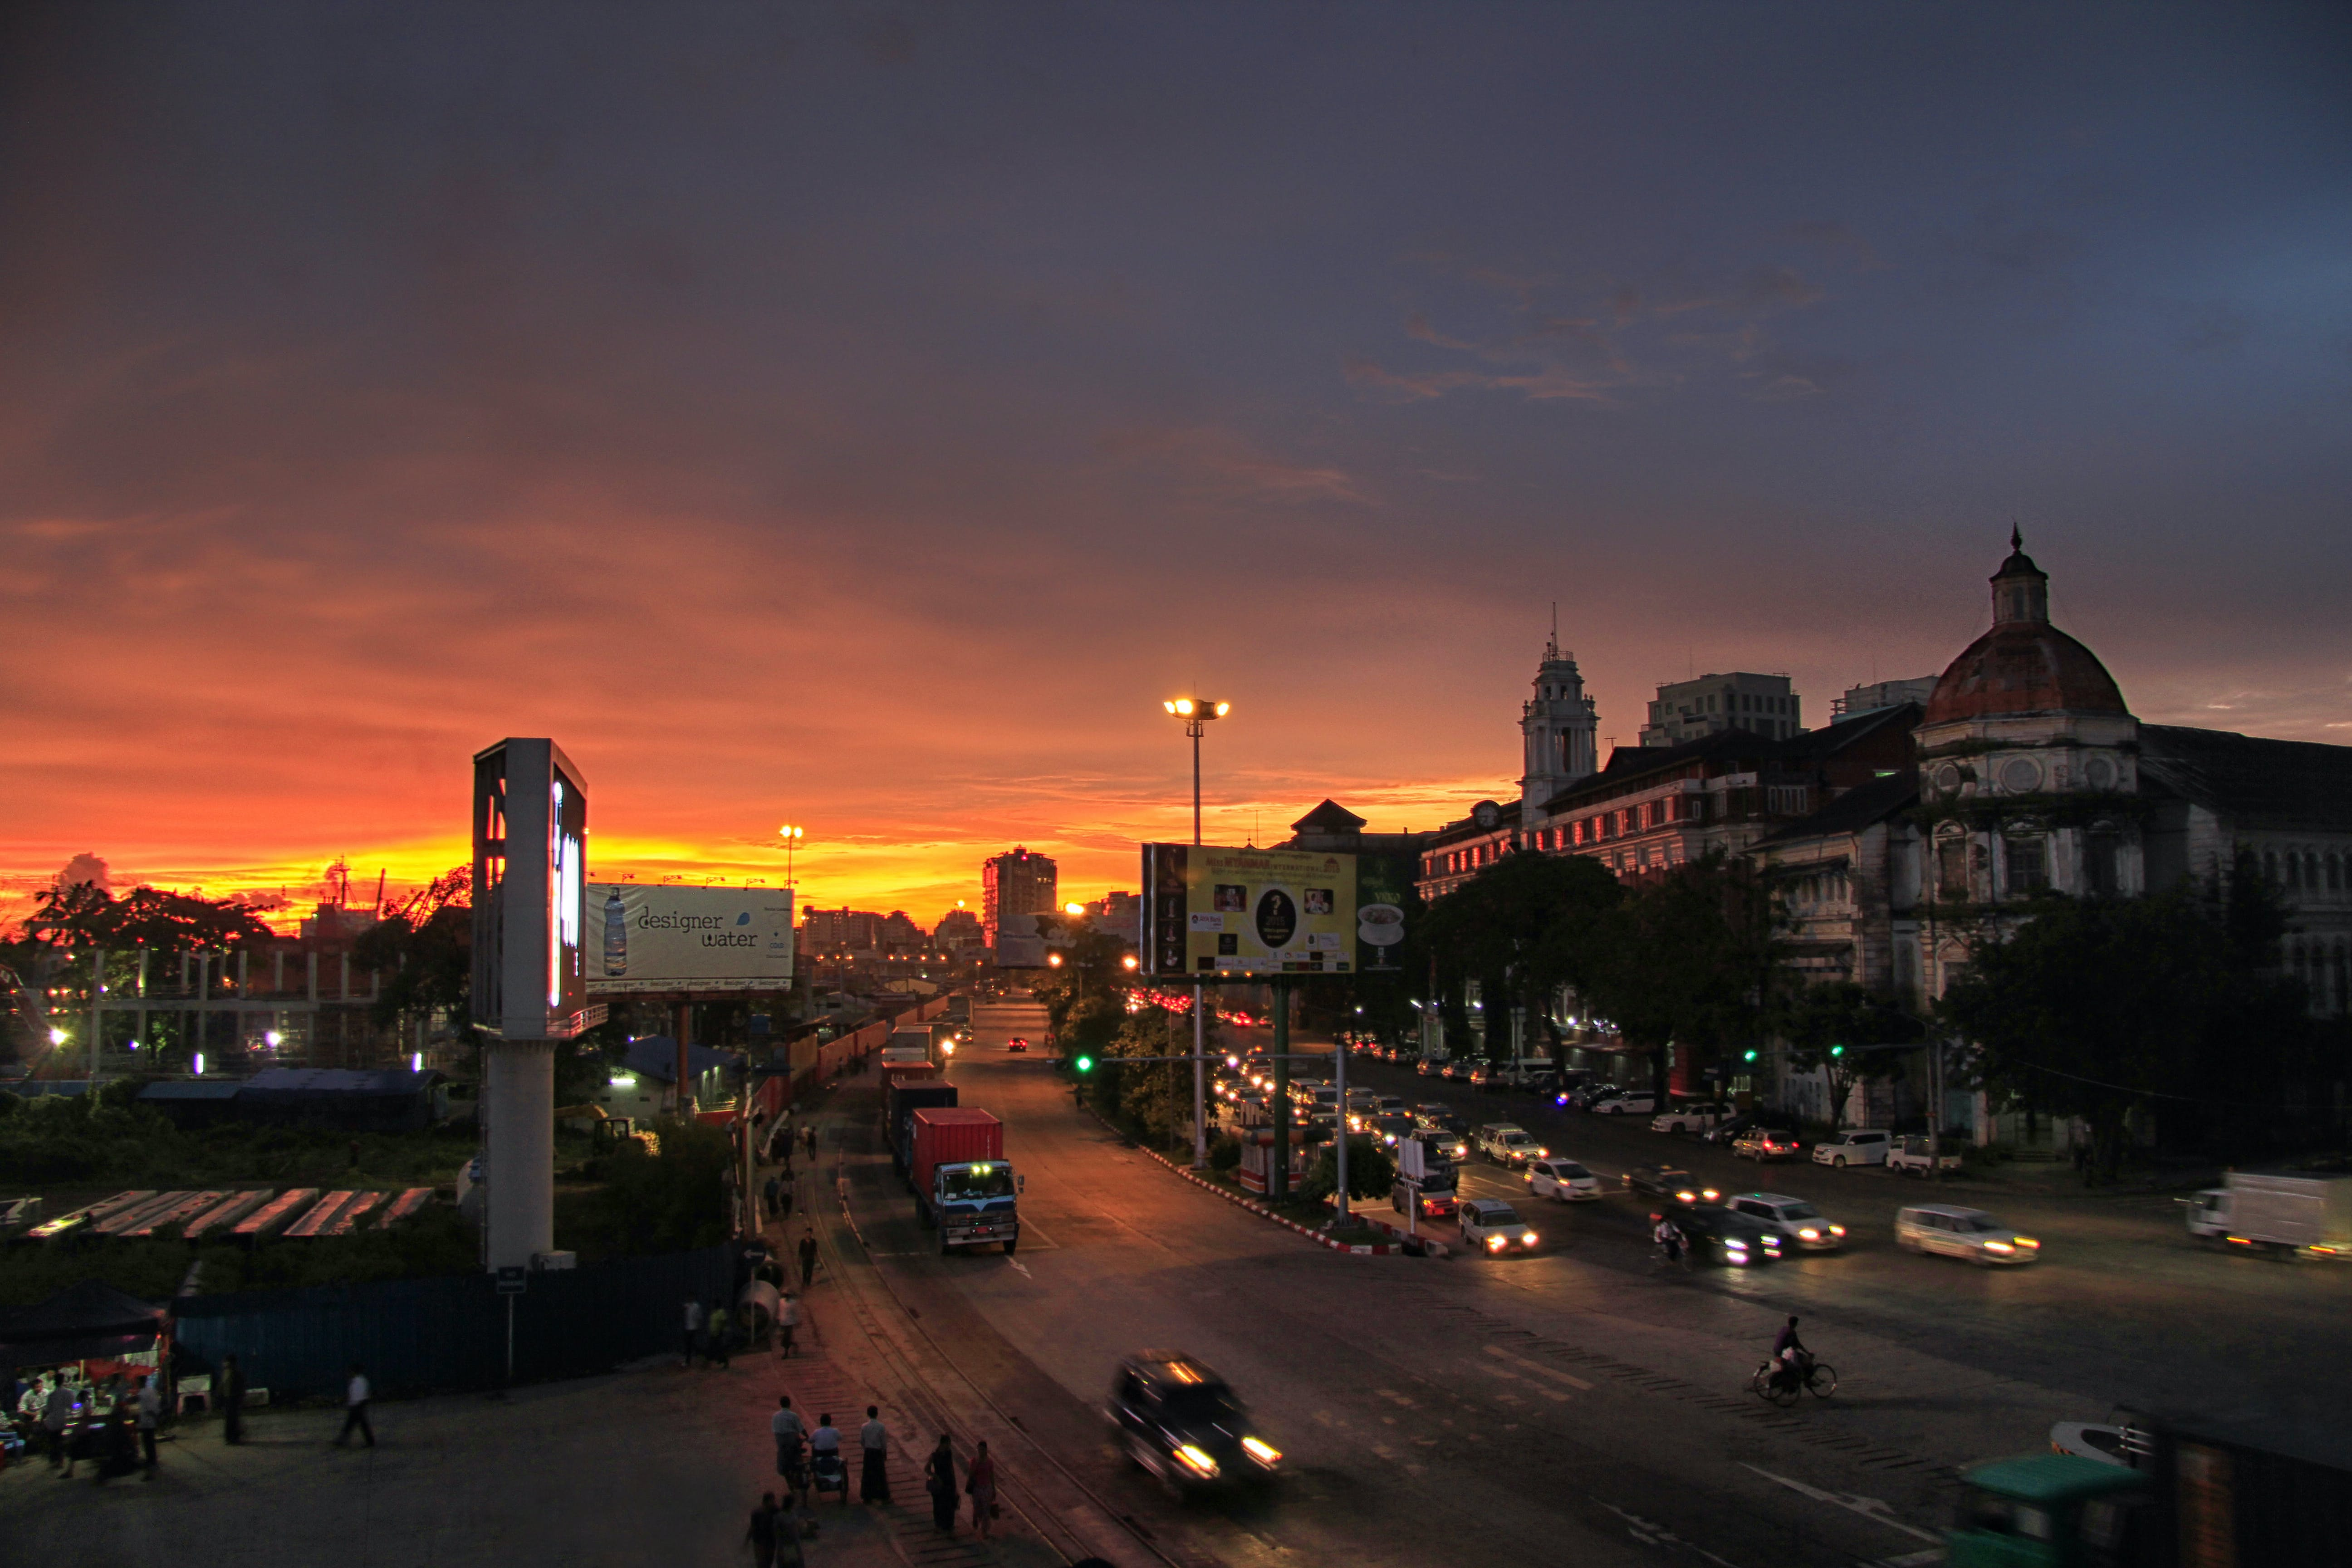 Fotos de stock gratuitas de vista nocturna, yangon, yangon_nightview